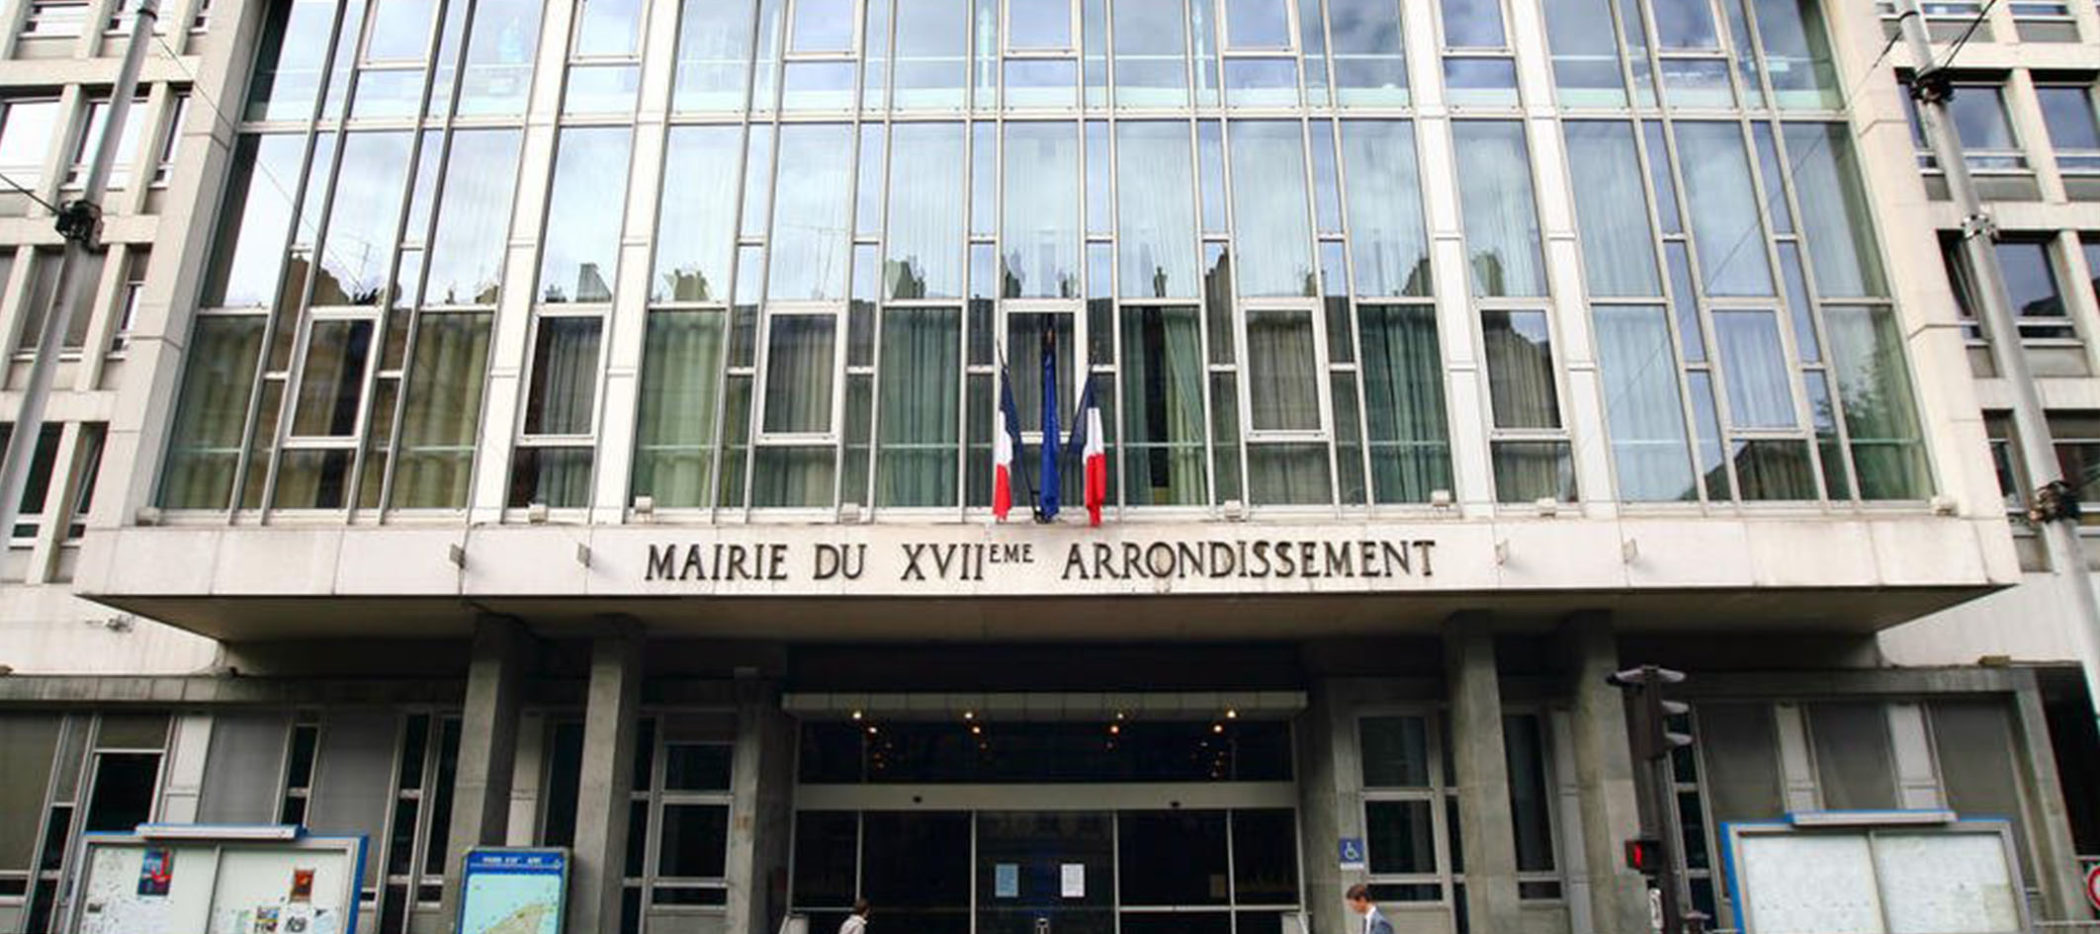 17ème Arrondissement de Paris